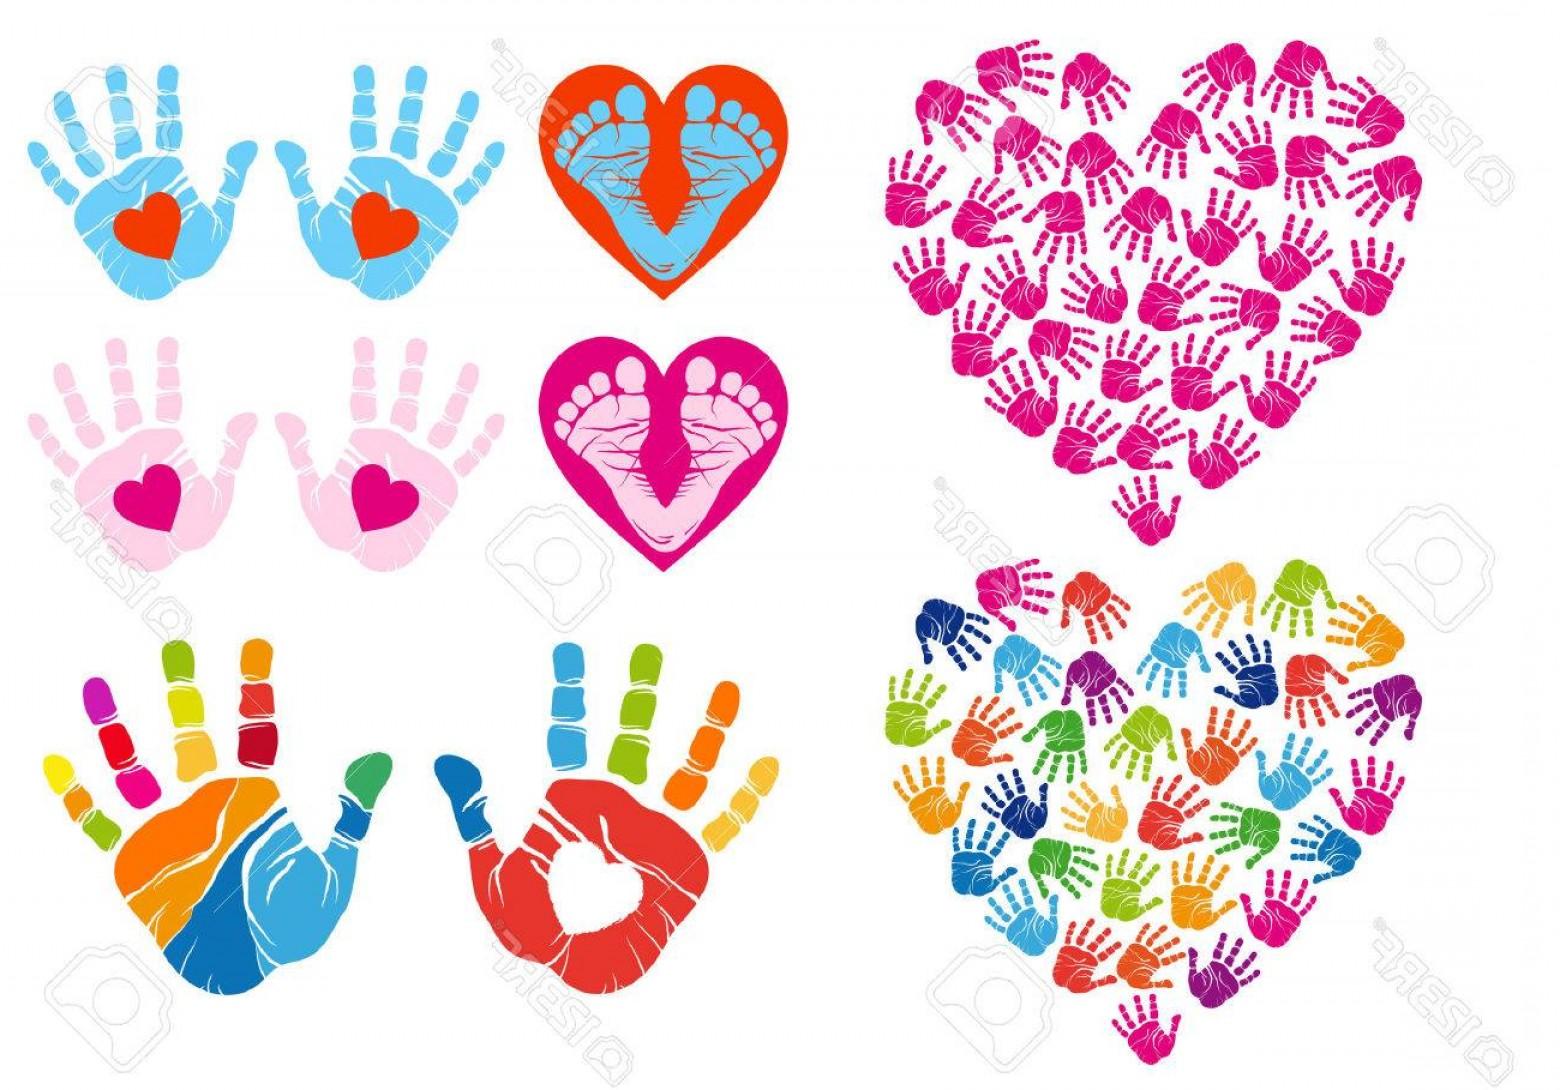 Handprint Heart Cliparts Free Download Clip Art.